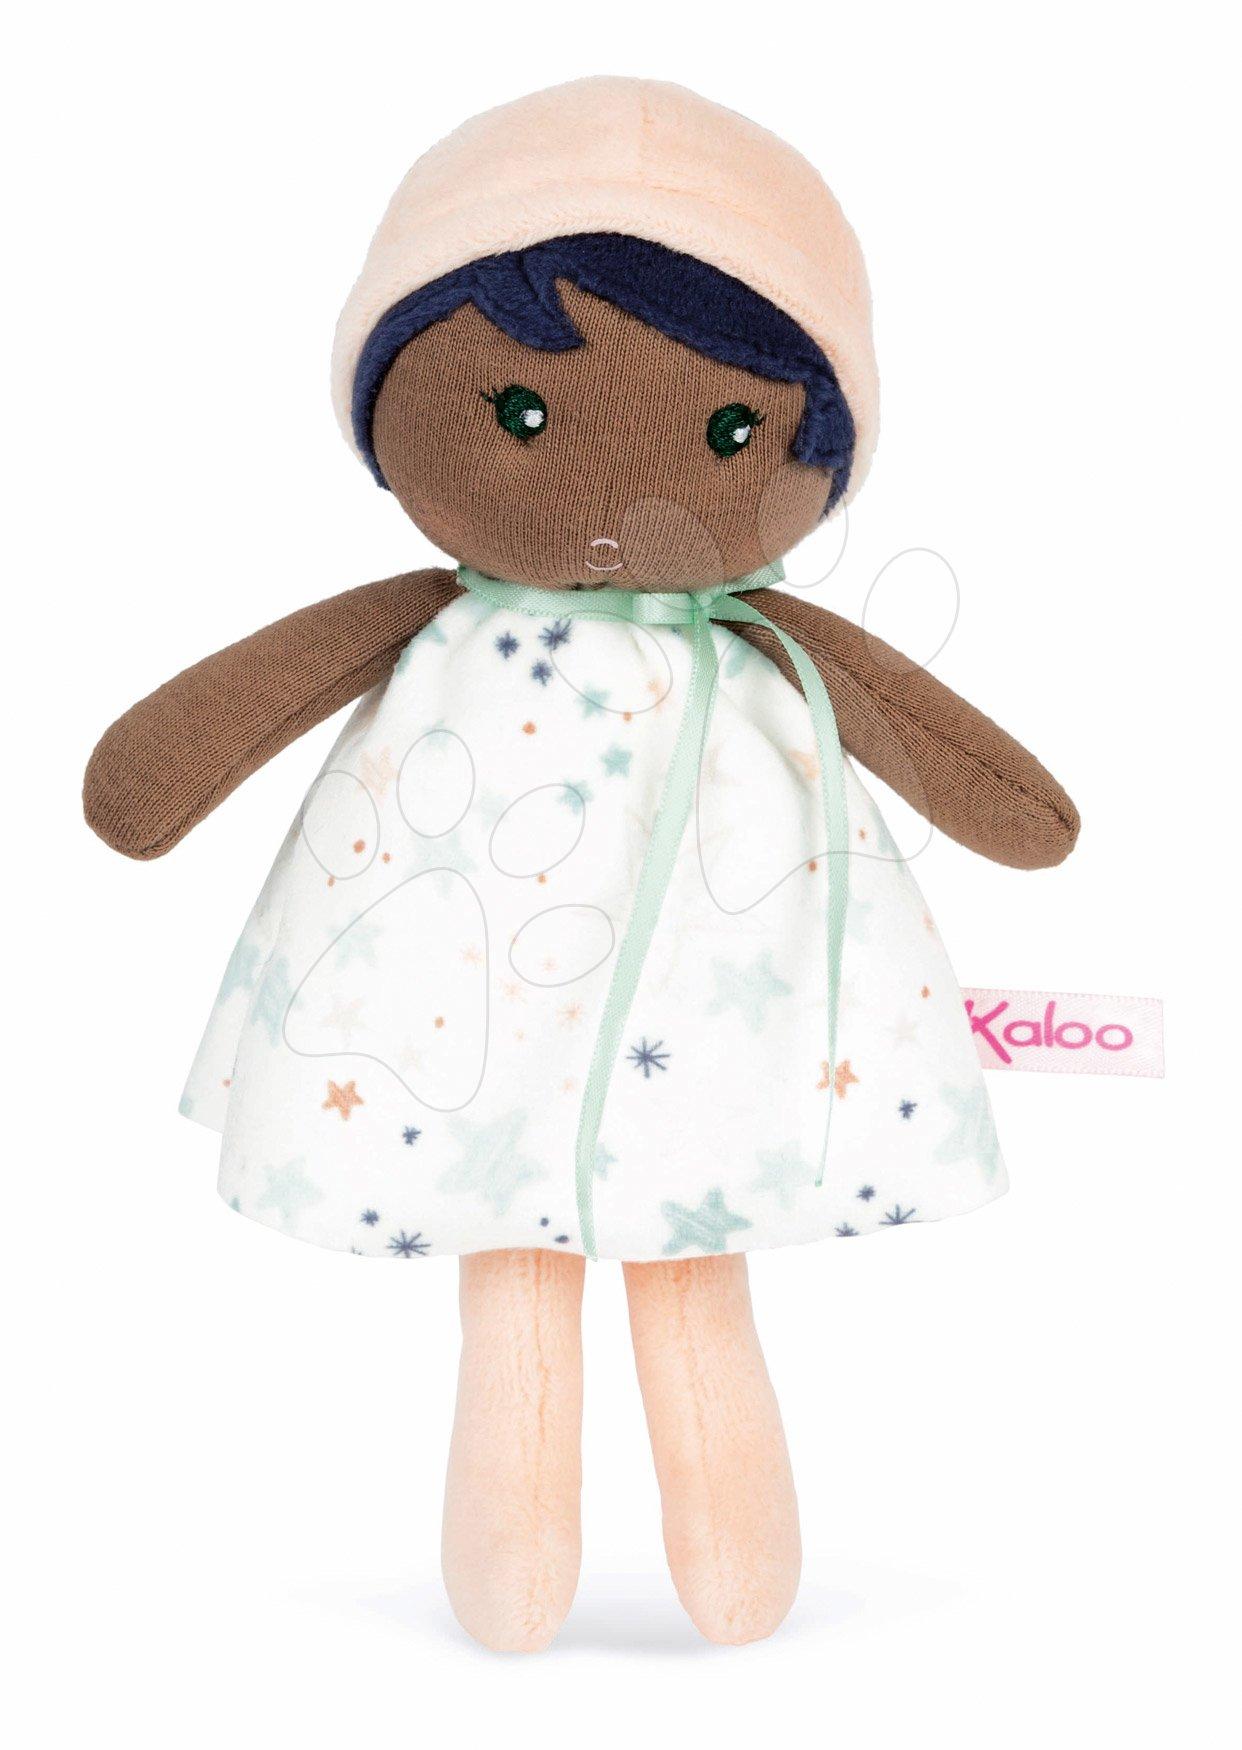 Bábika pre bábätká Manon K Doll Tendresse Kaloo 18 cm v hviezdičkových šatách z jemného textilu v darčekovom balení od 0 mes